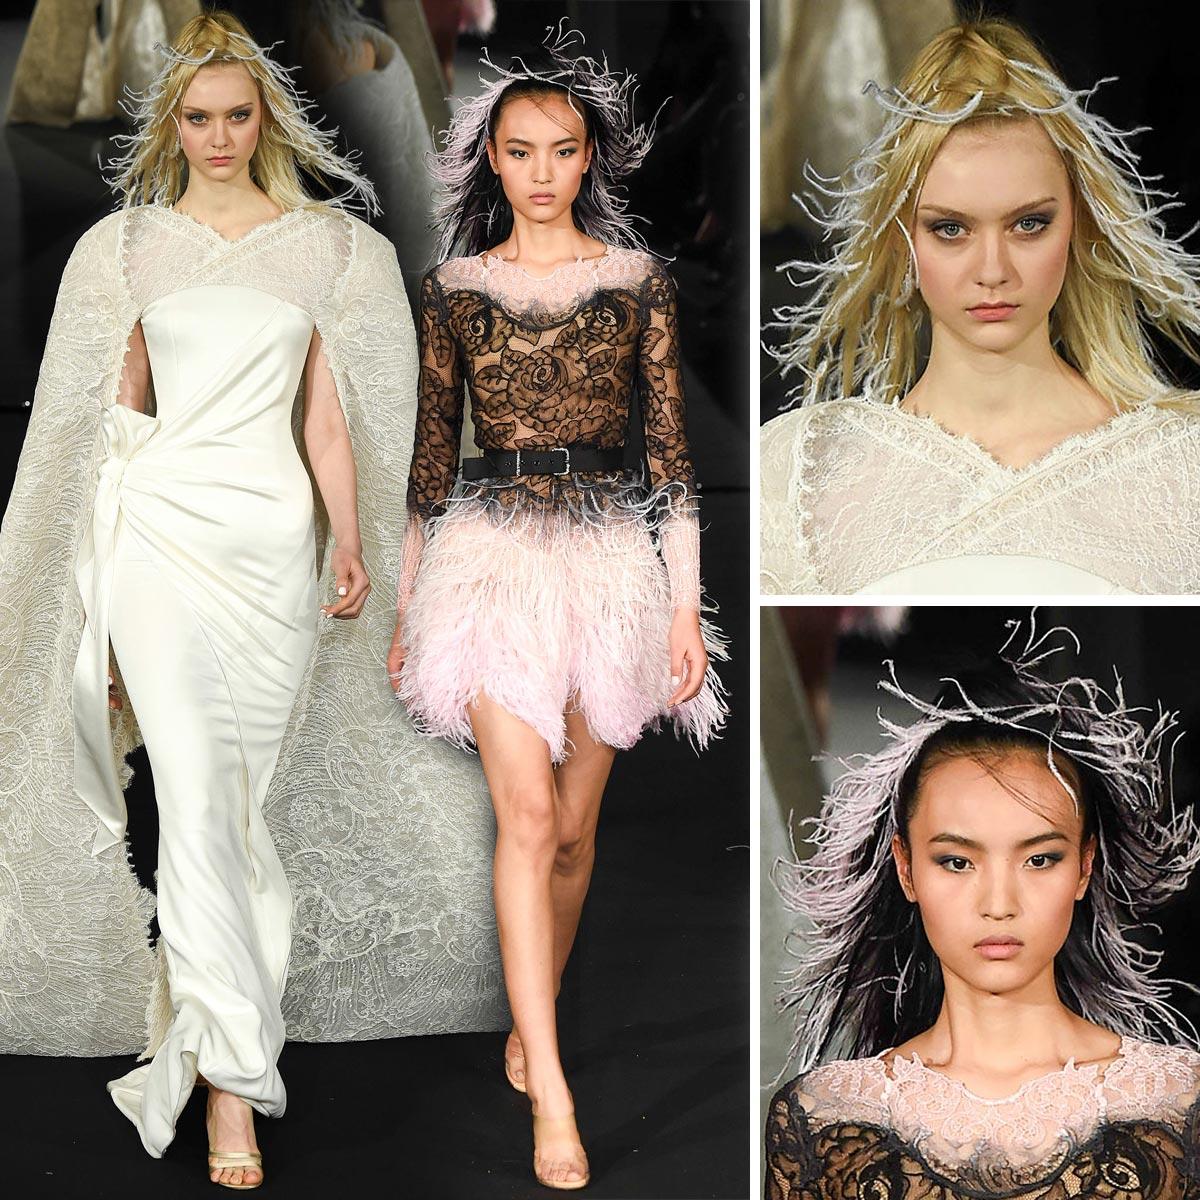 Společenské účesy zdobené peřím podle Alexis Mabille (Haute Couture Jaro 2015).